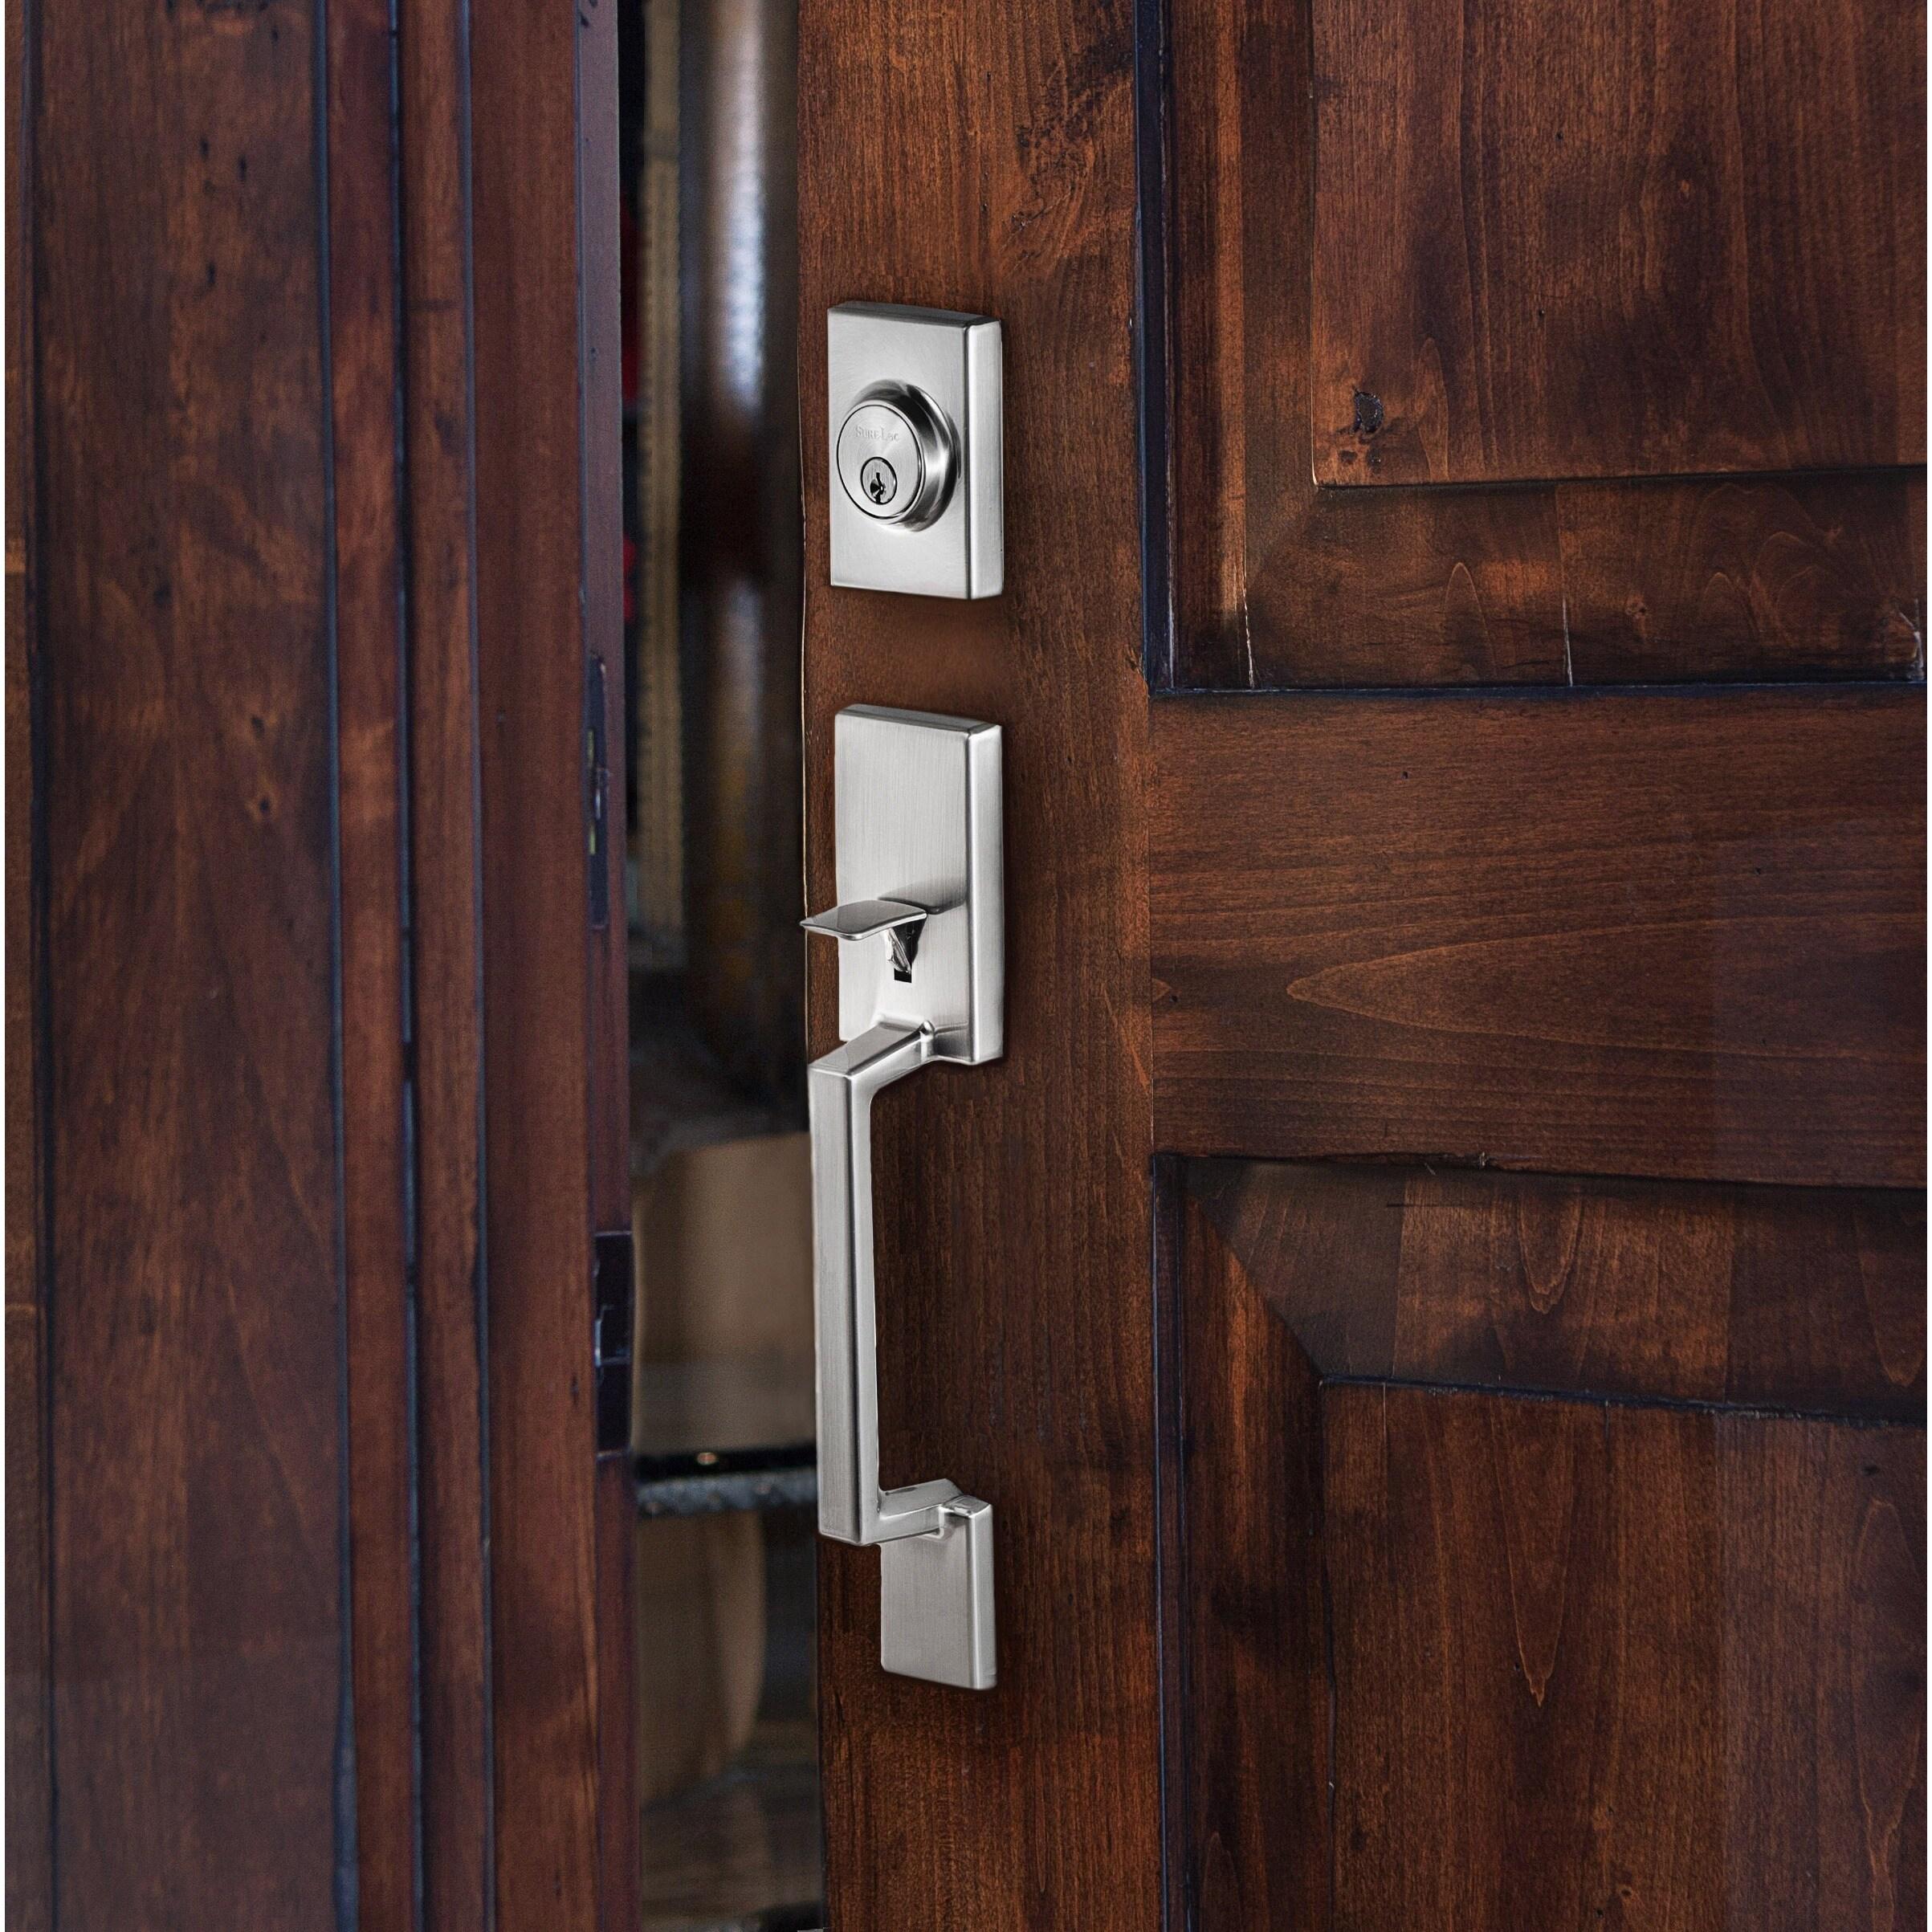 free design open product interior door latch floor handle photo handrail en images welcome